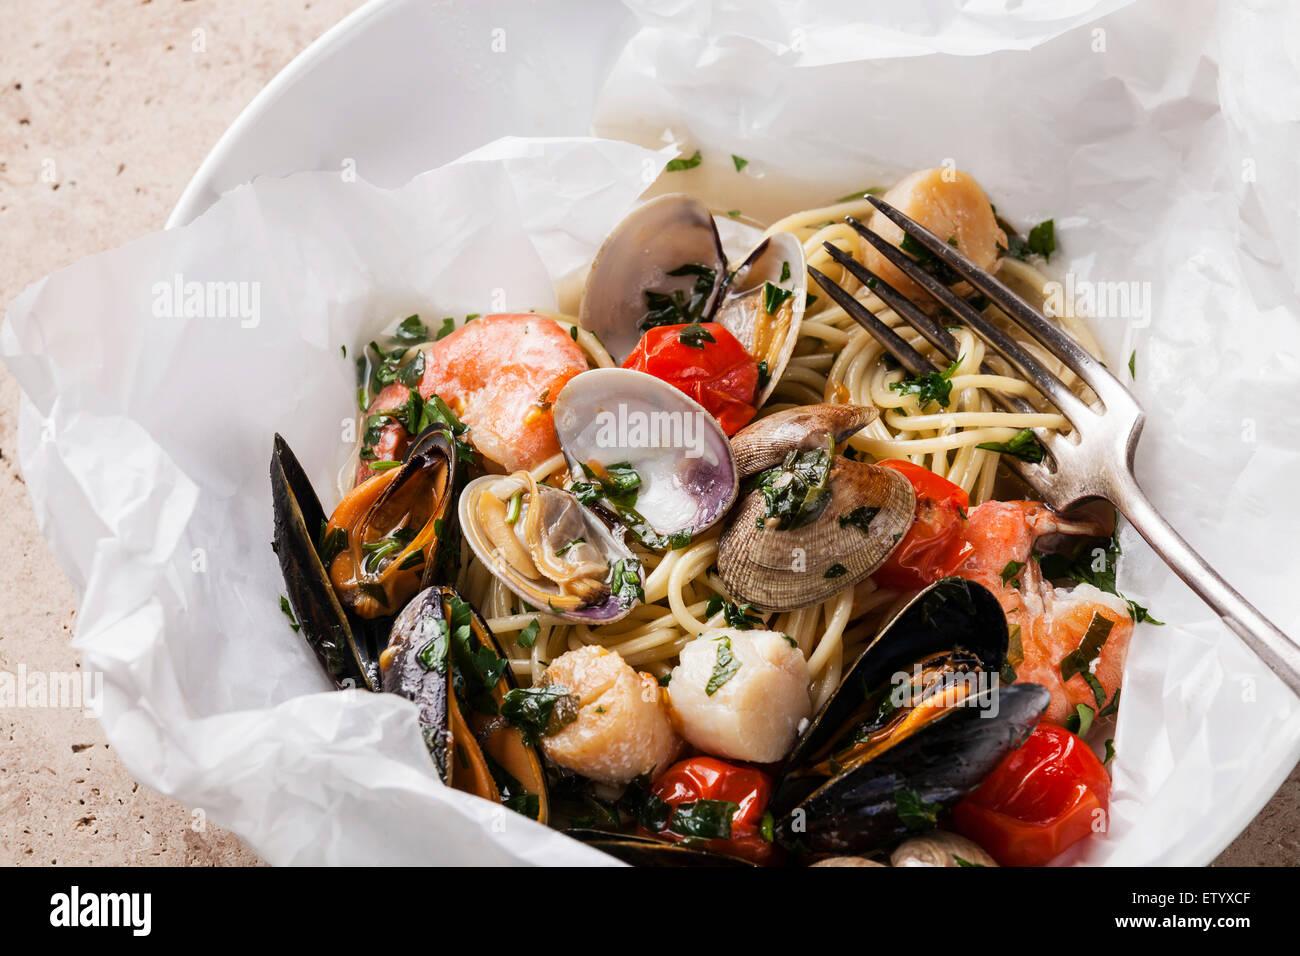 Pasta mit Meeresfrüchten - Jakobsmuscheln auf weißen Teller Spaghetti mit Muscheln, Krabben, Meer Stockbild